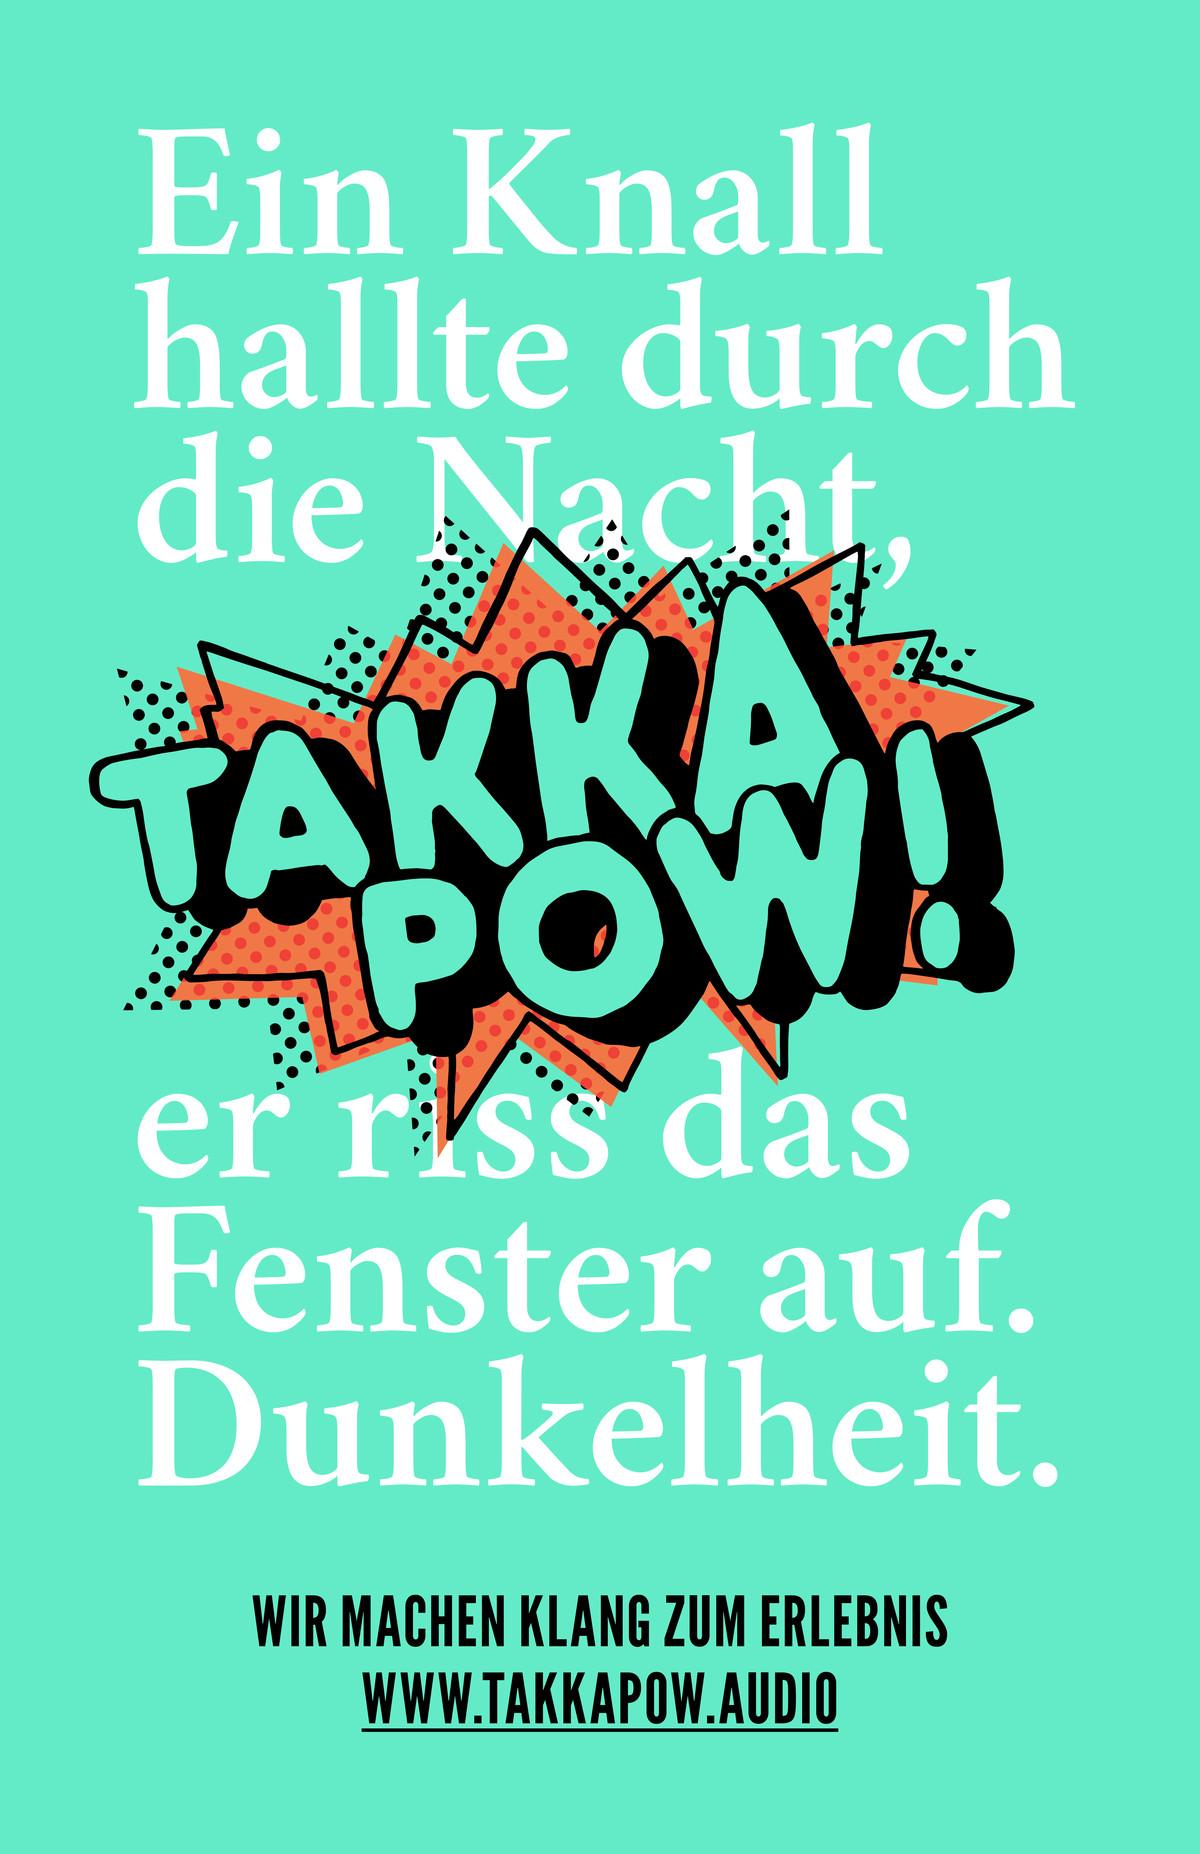 takkapow-text-03.jpg